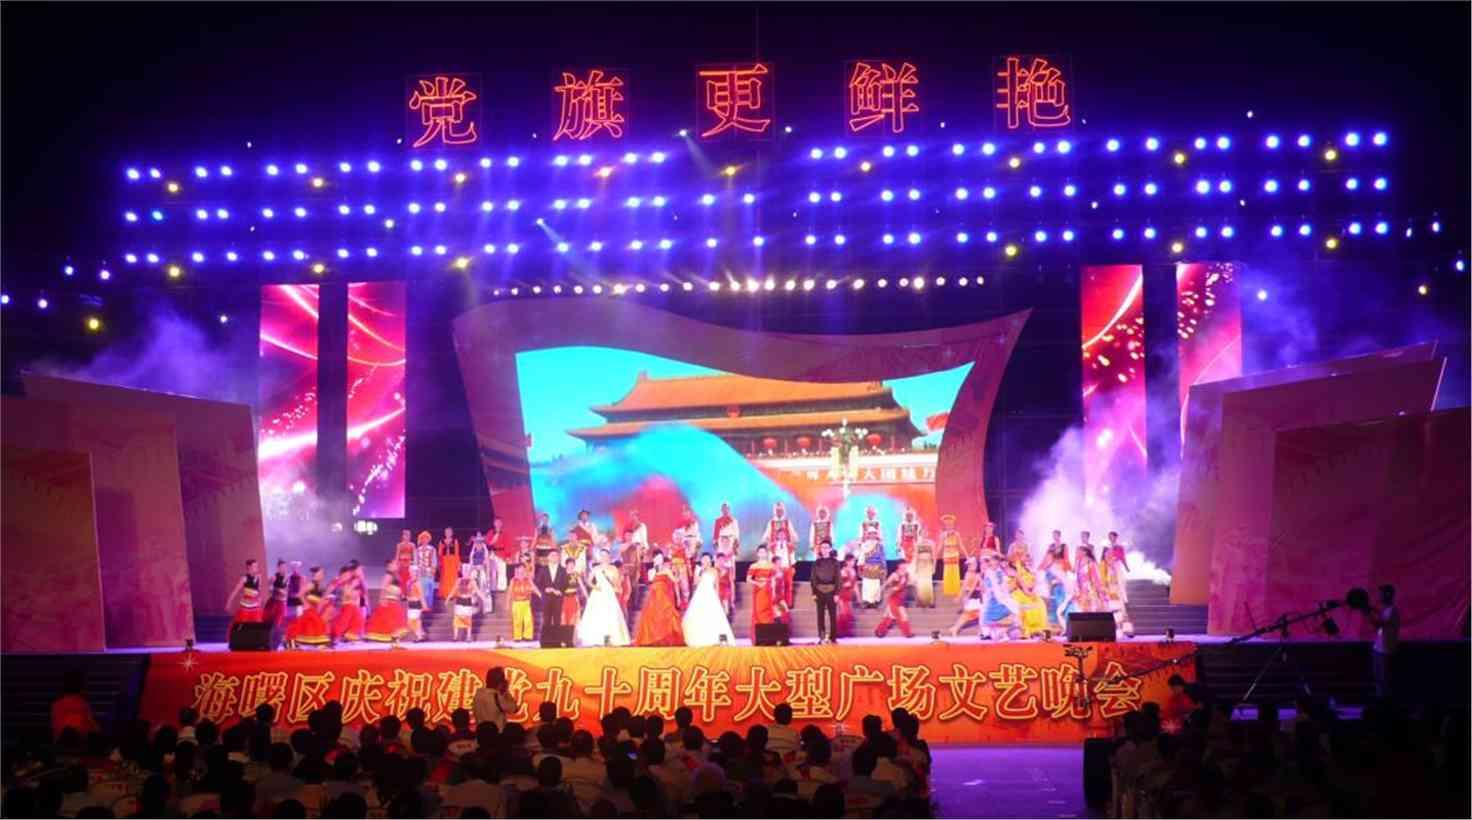 海曙区庆祝建党九十周年大型文艺晚会